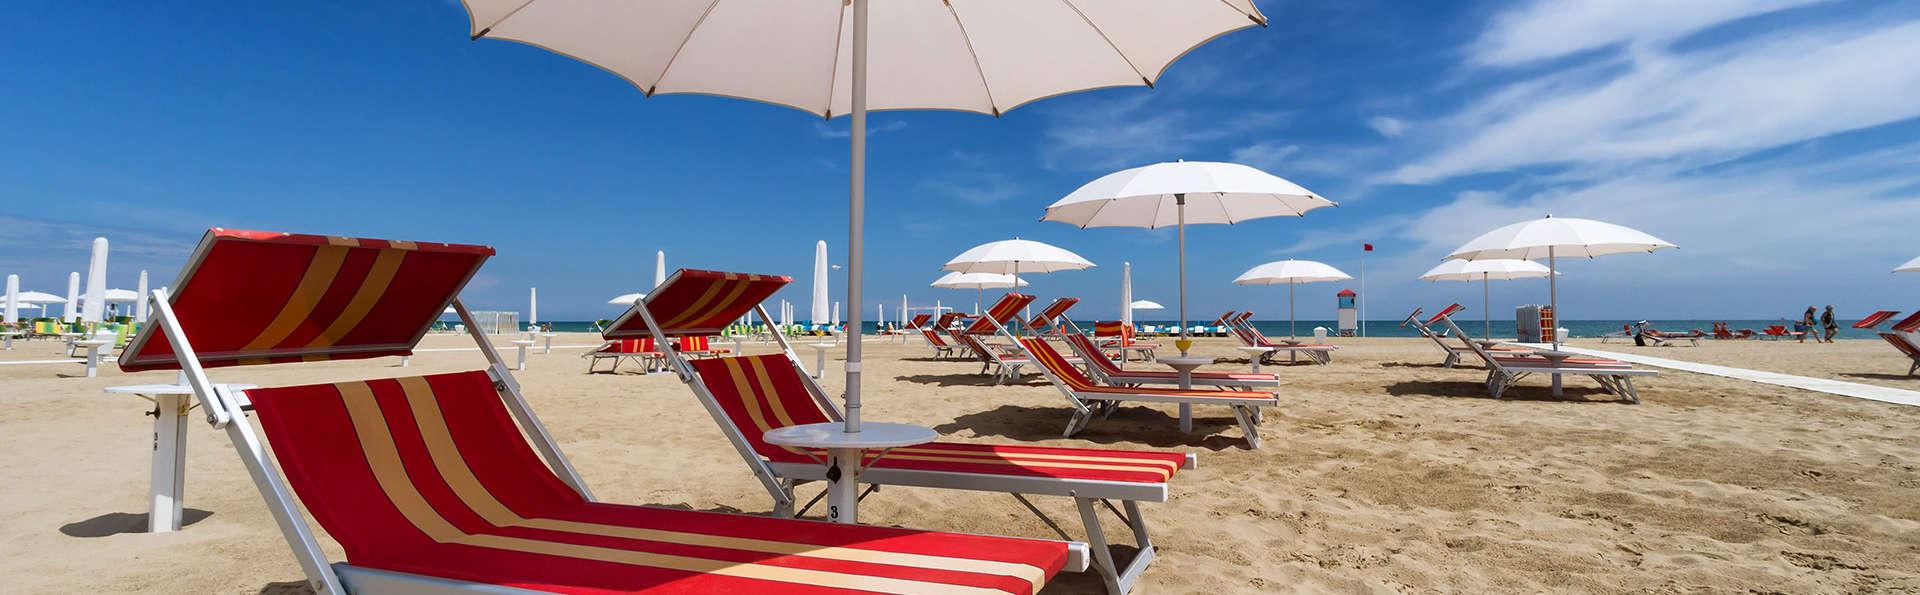 Hotel De La Ville - Edit_Riccionee2.jpg